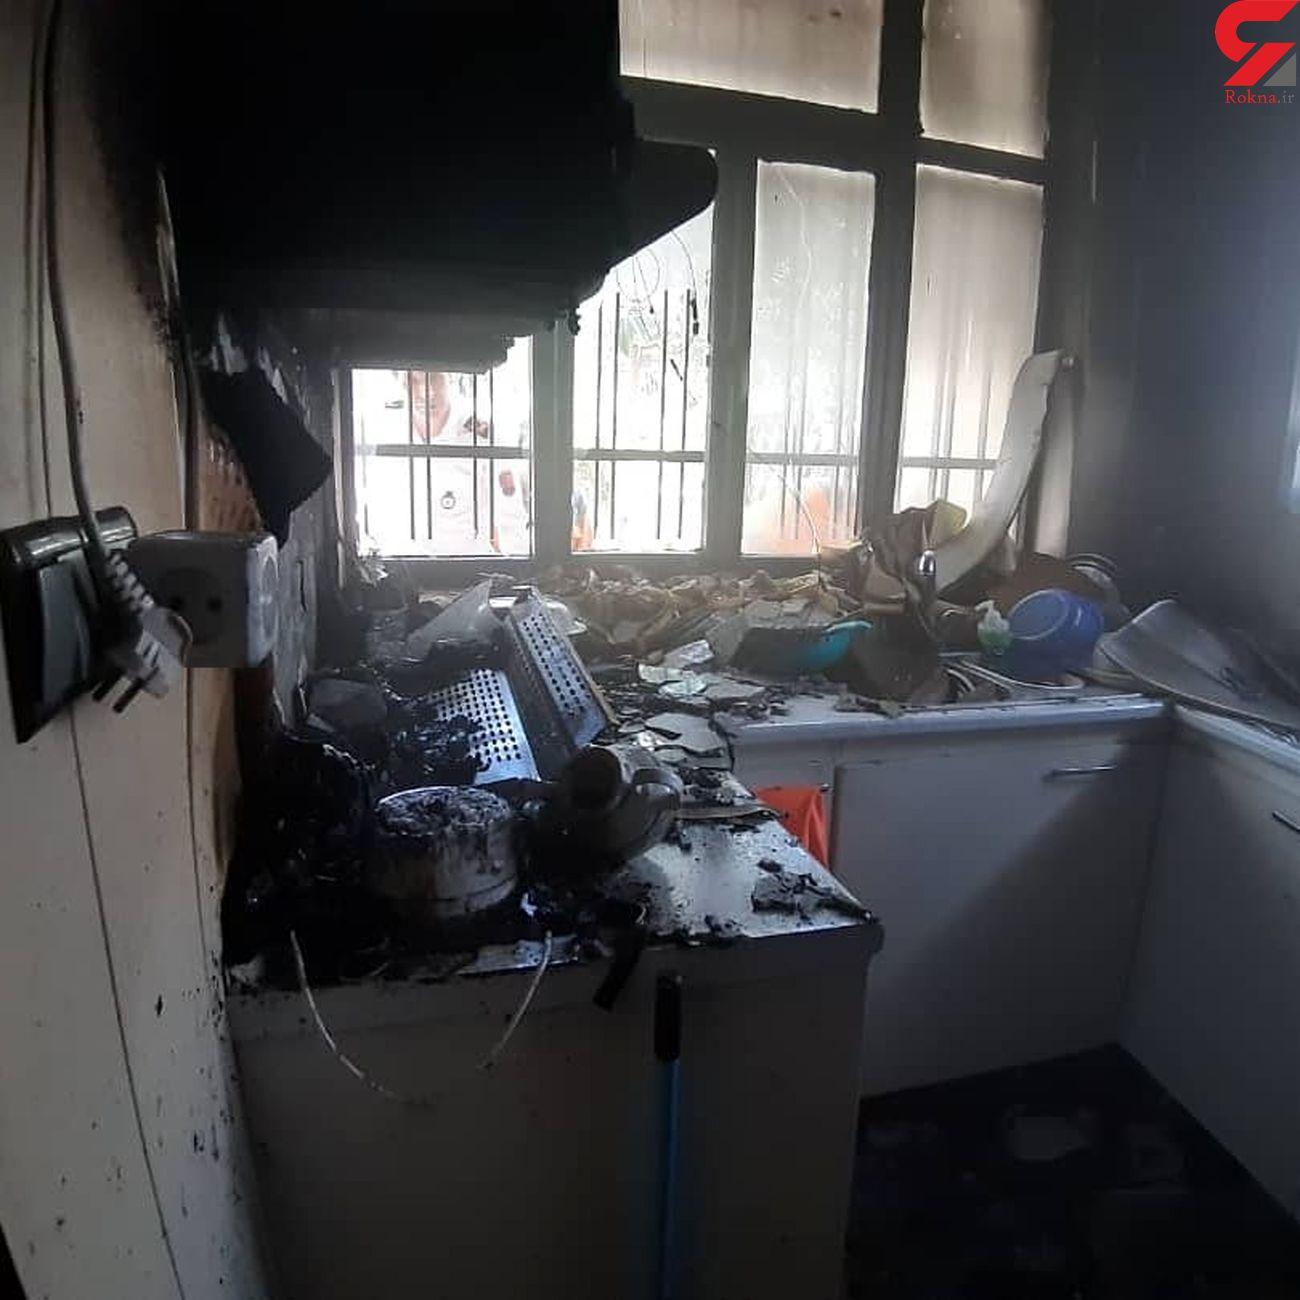 آتش سوزی در مطب حاجی آباد